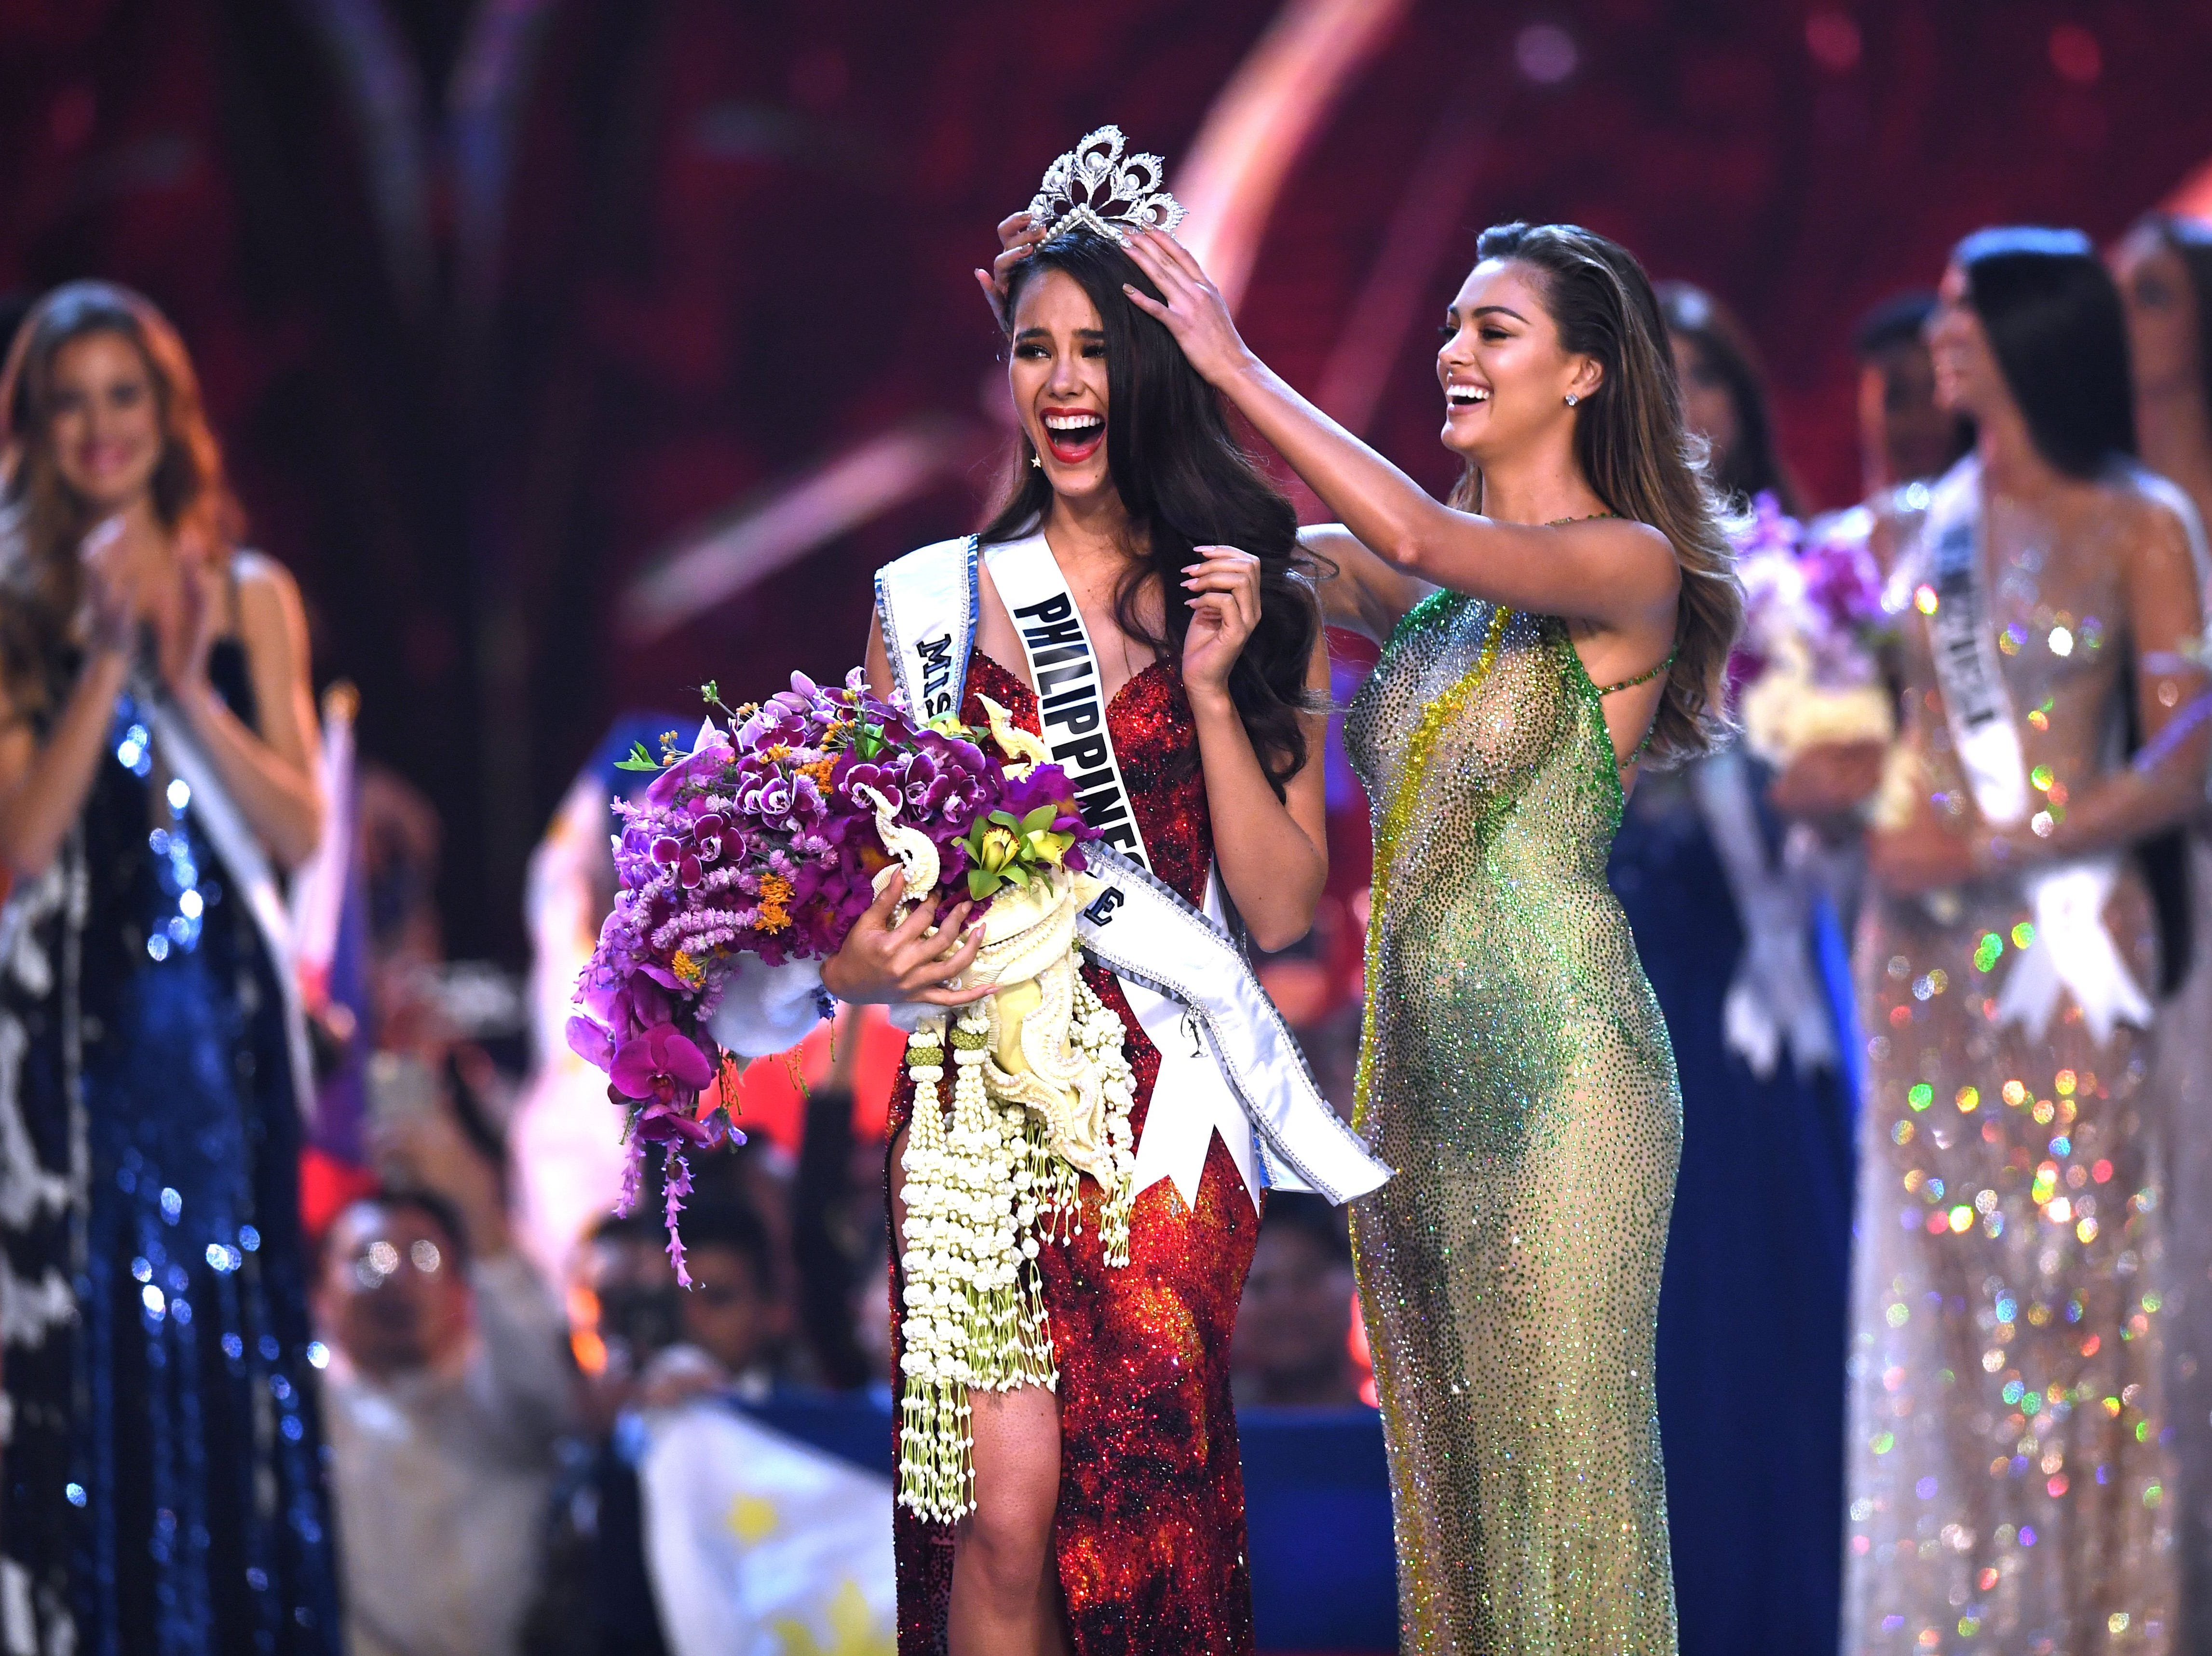 Catriona Grey, de Filipinas, sonríe al momento de ser coronada como la nueva Miss Universe 2018 por Miss Universo 2017 Demi-Leigh Nel-Peters el 17 de diciembre de 2018 en Bangkok.